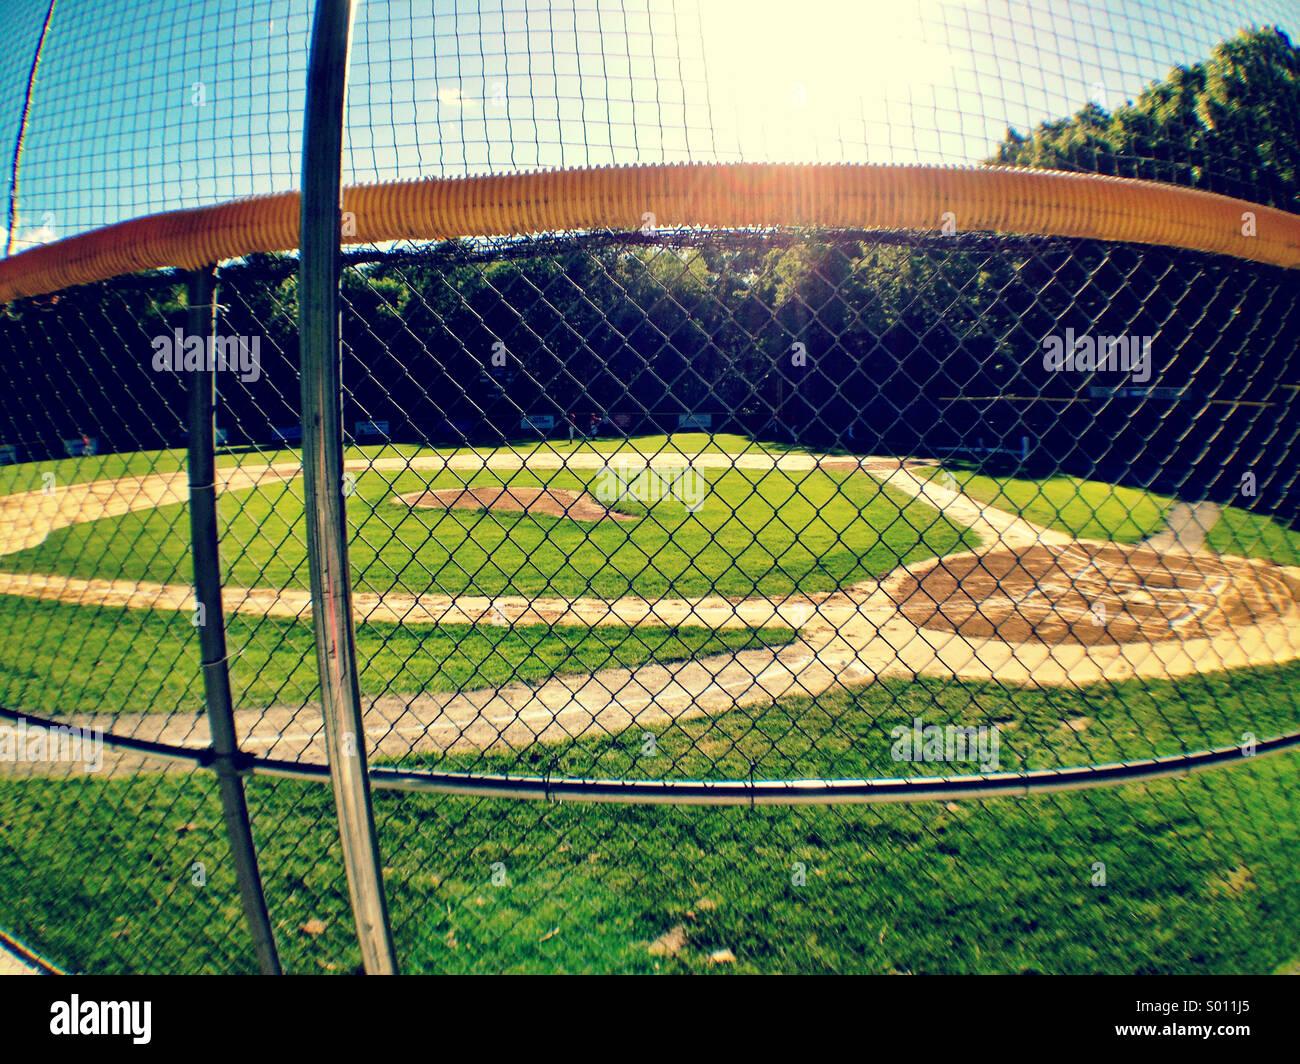 Campo de béisbol juvenil. Imagen De Stock